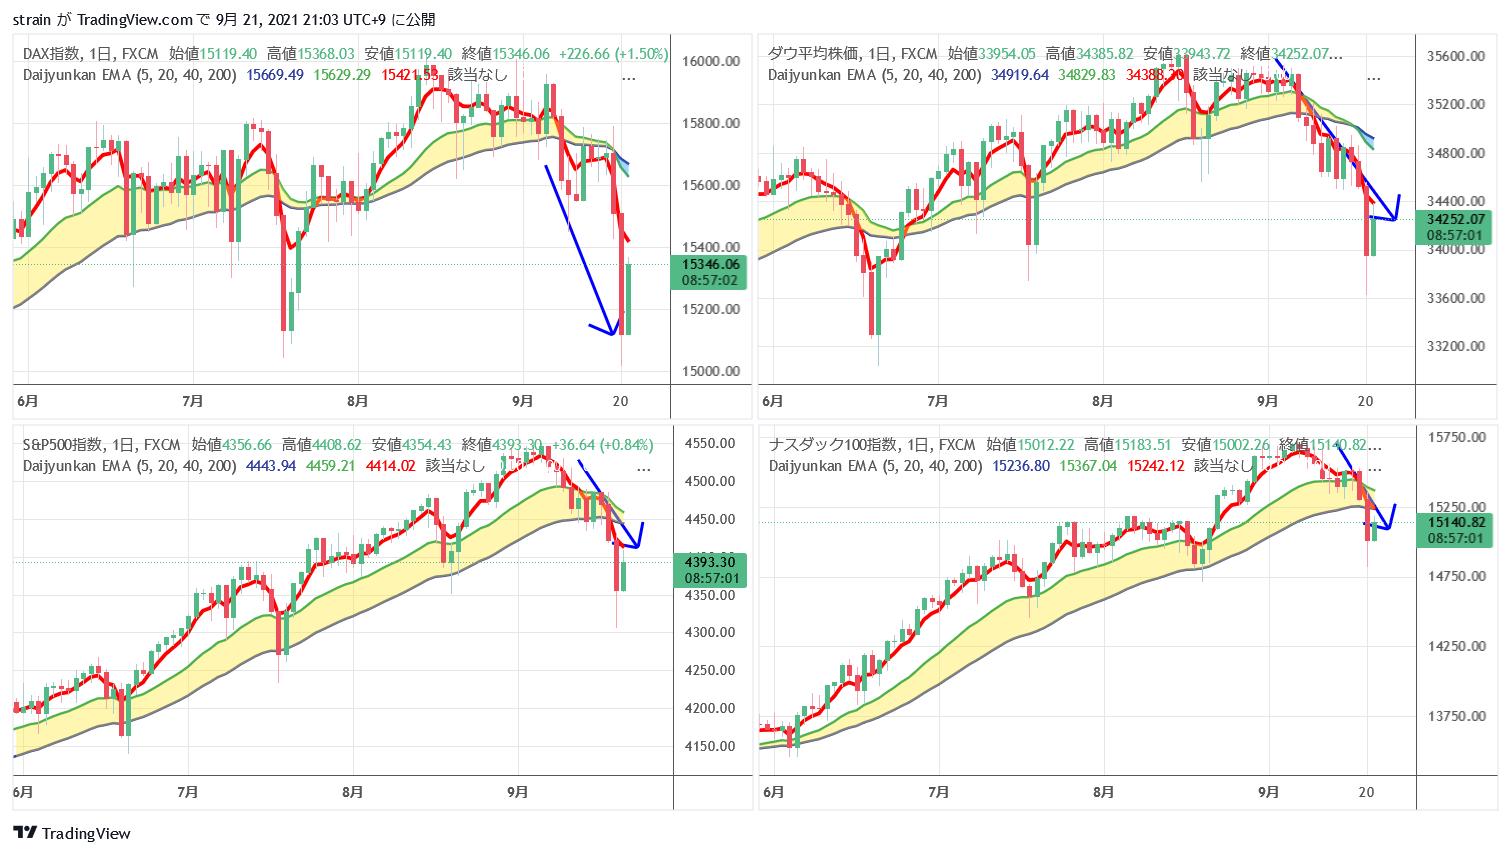 世界の株式相場の下降傾向発生のサインか